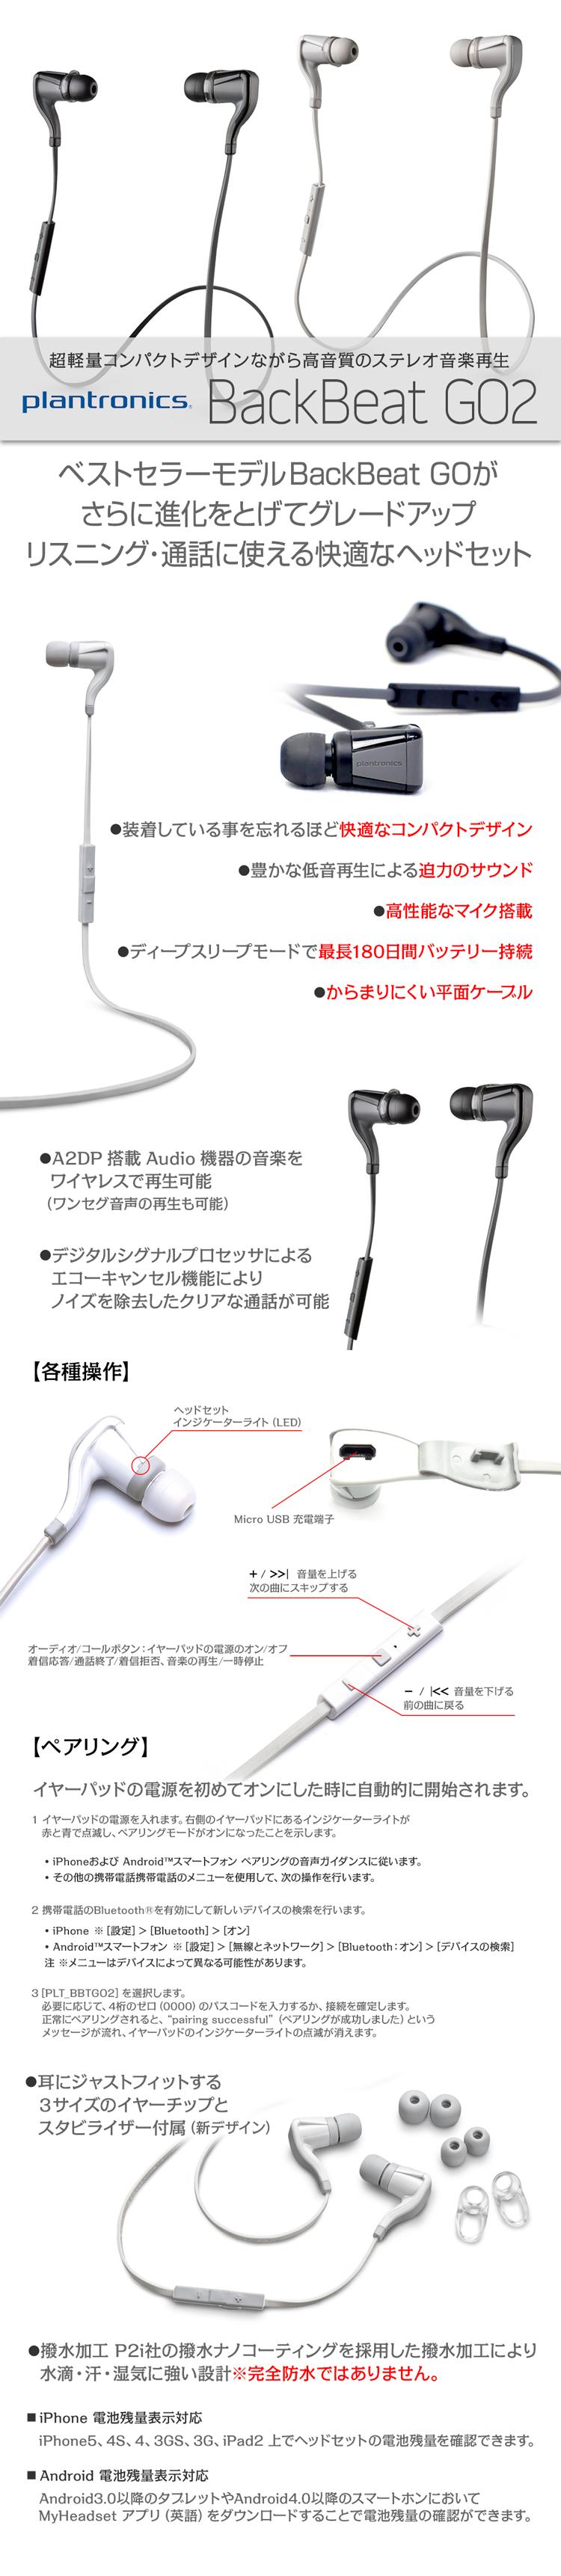 Bluetoothイヤホン/ワイヤレスイヤホン/iPhone対応リモコンマイク付きイヤホン